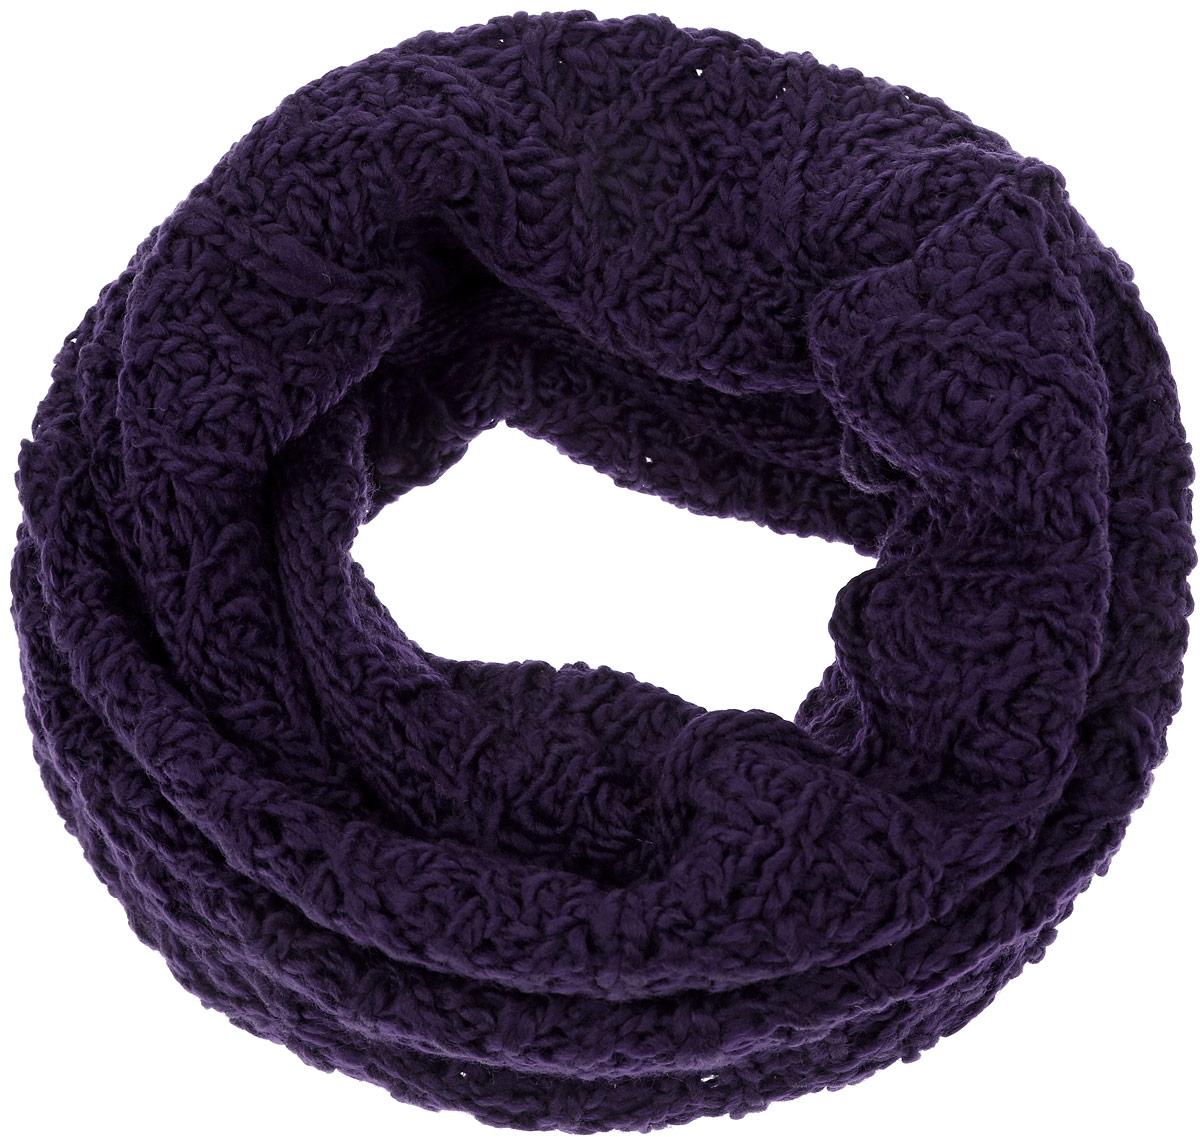 44452/2Женский вязаный снуд-хомут Snezhna выполнен из сочетания высококачественного акрила и теплой шерсти, отлично подойдет для повседневной носки в прохладную погоду. Модель связана кольцом и выполнена оригинальной узорчатой вязкой. Изделие мягко драпируется и красиво распределяется в области шеи.